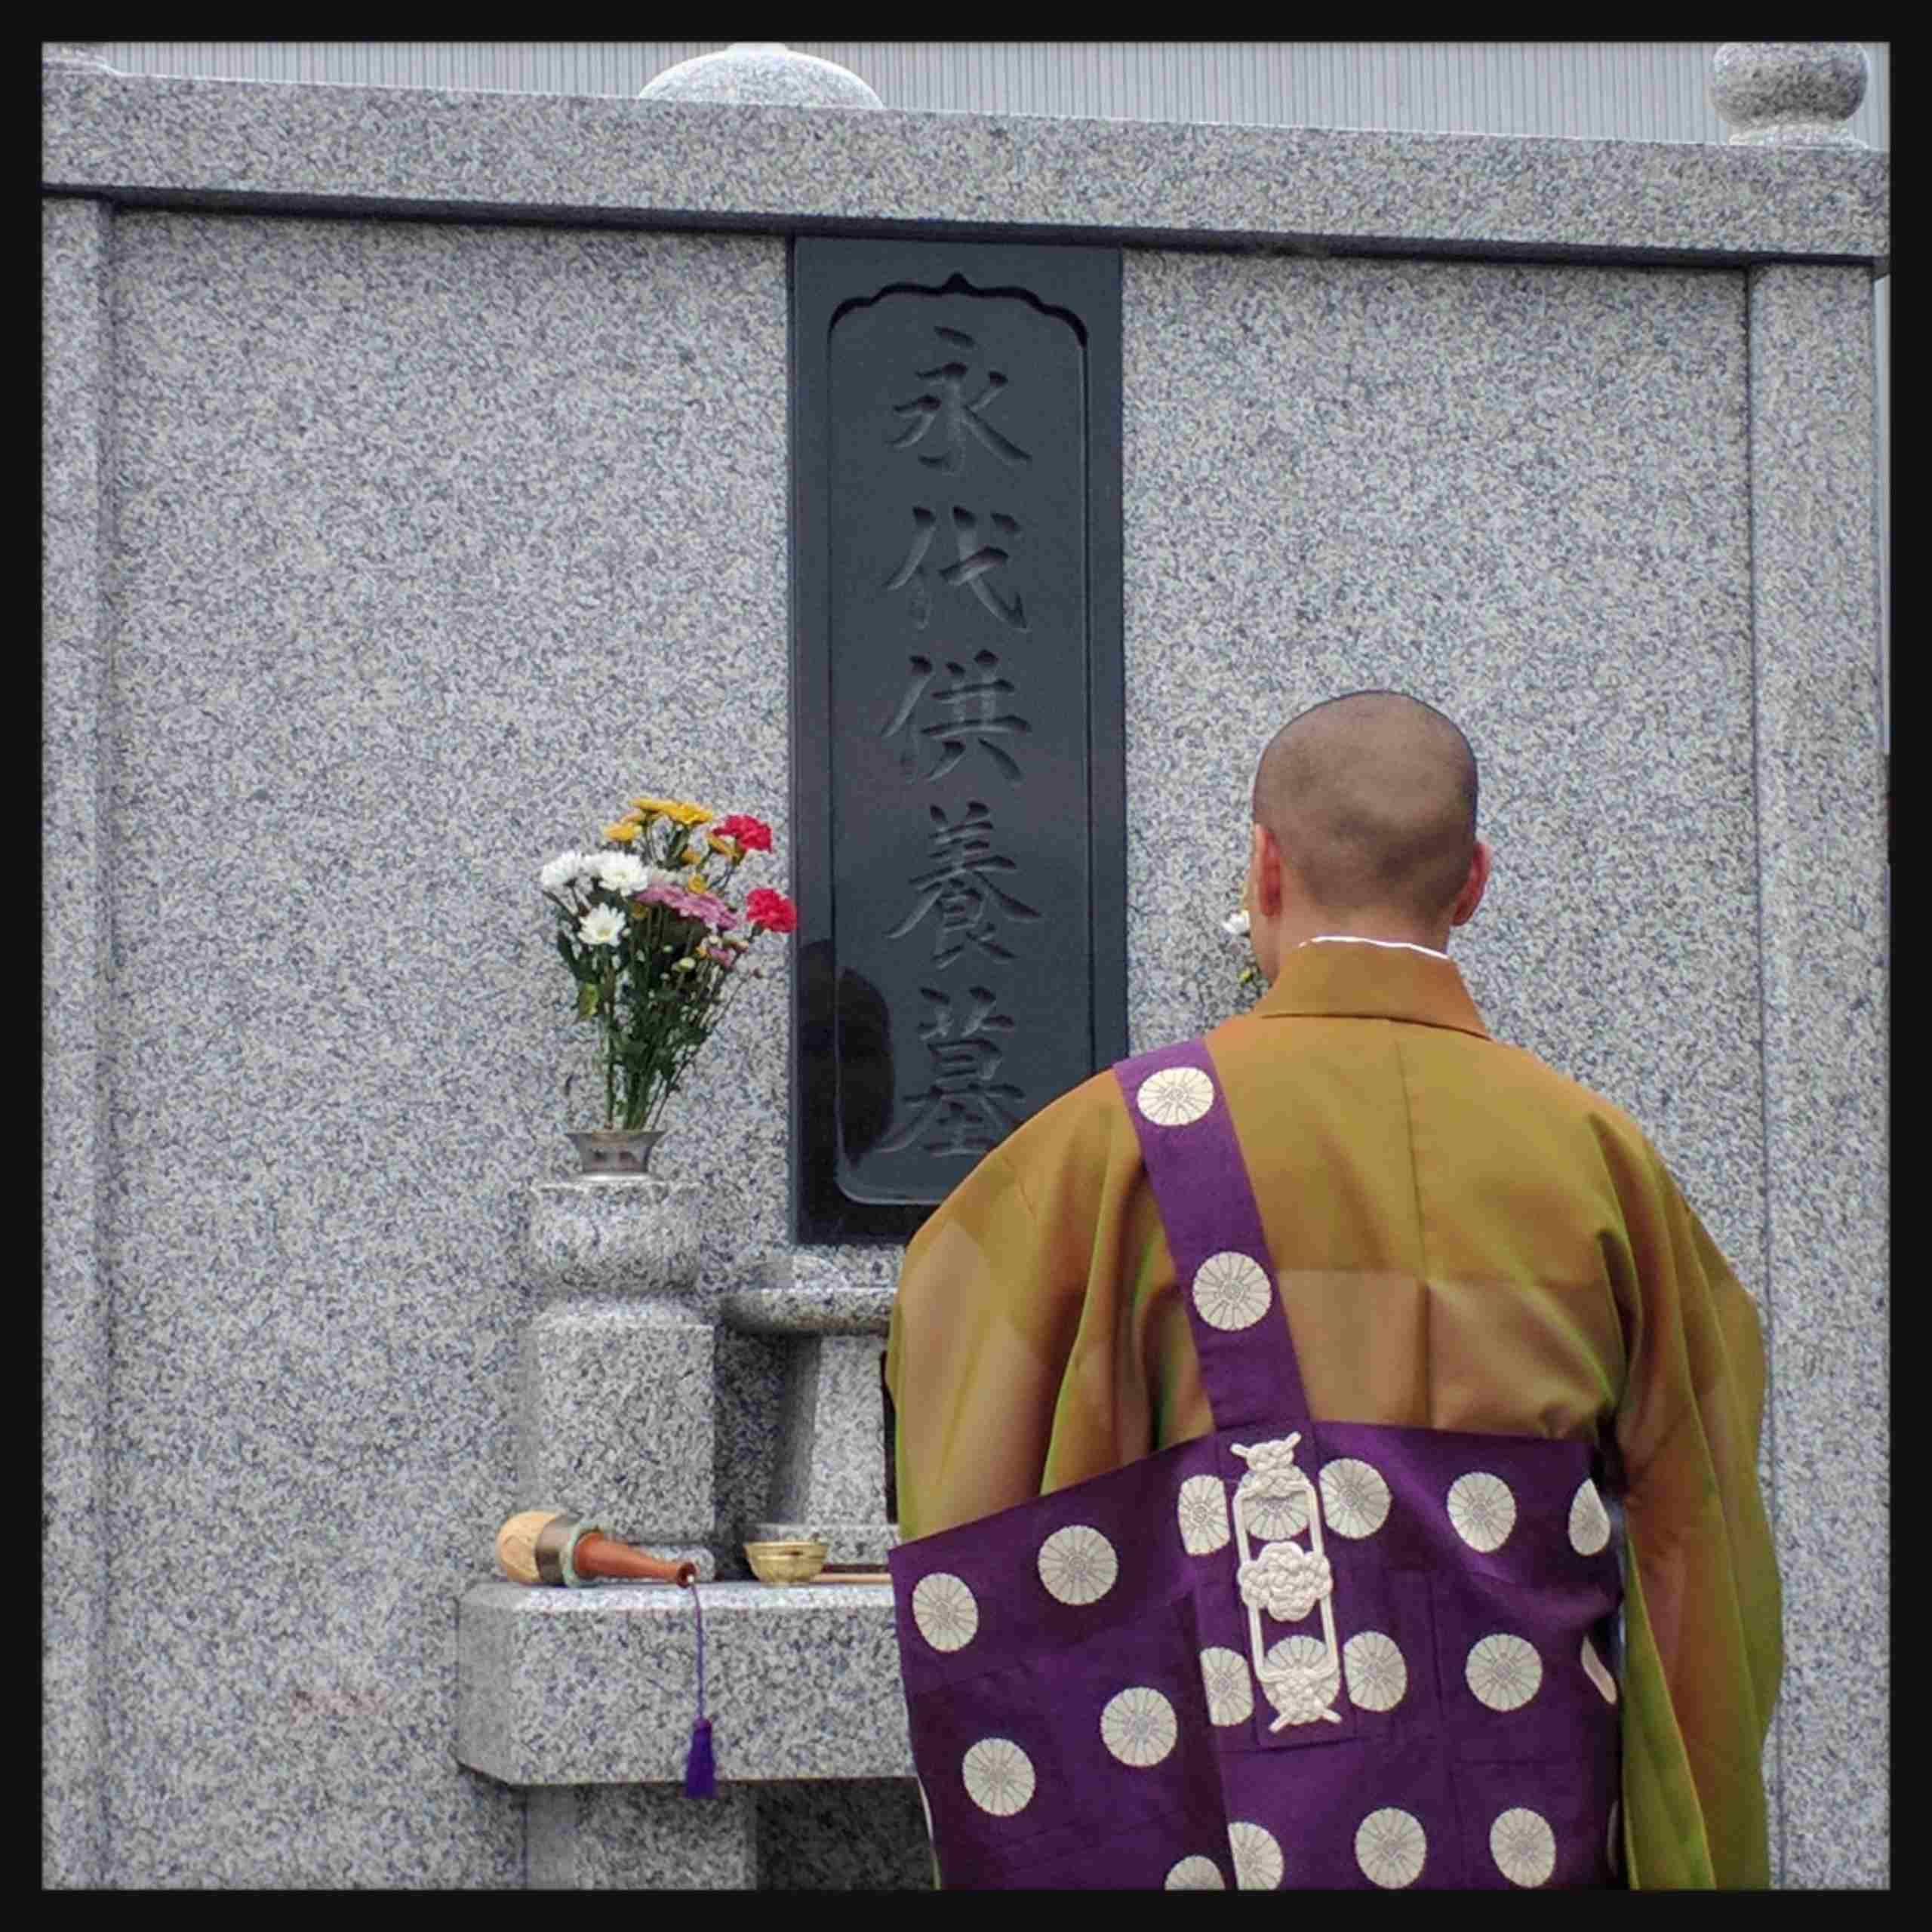 成就院二十三夜尊永代供養墓 永代供養墓の外観